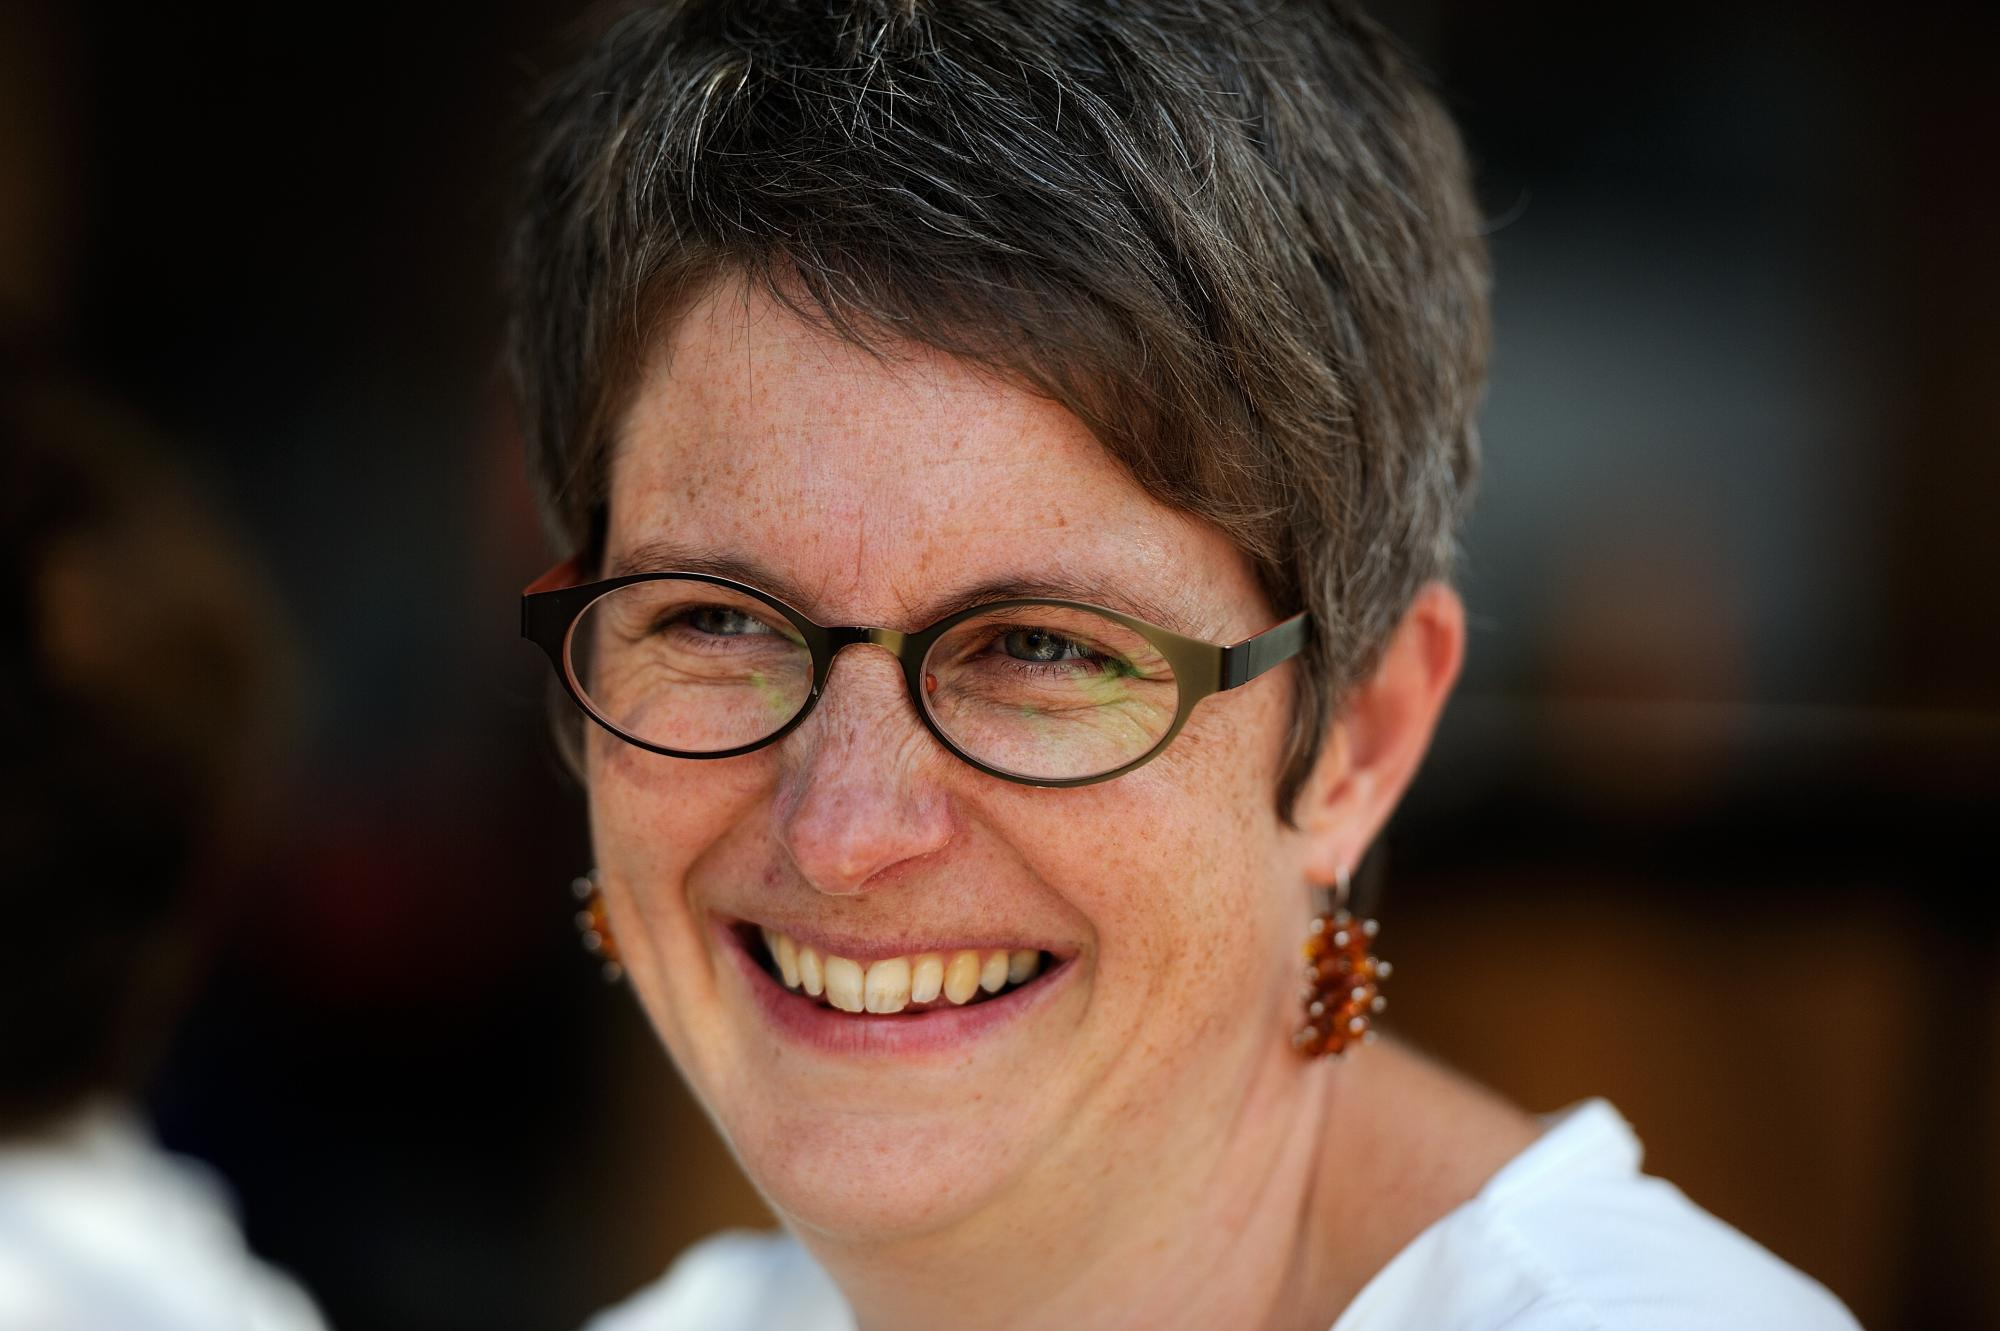 Barbara Focquaert gemeenschapsverantwoordelijke van De Ark Gent  © RR/Tertio